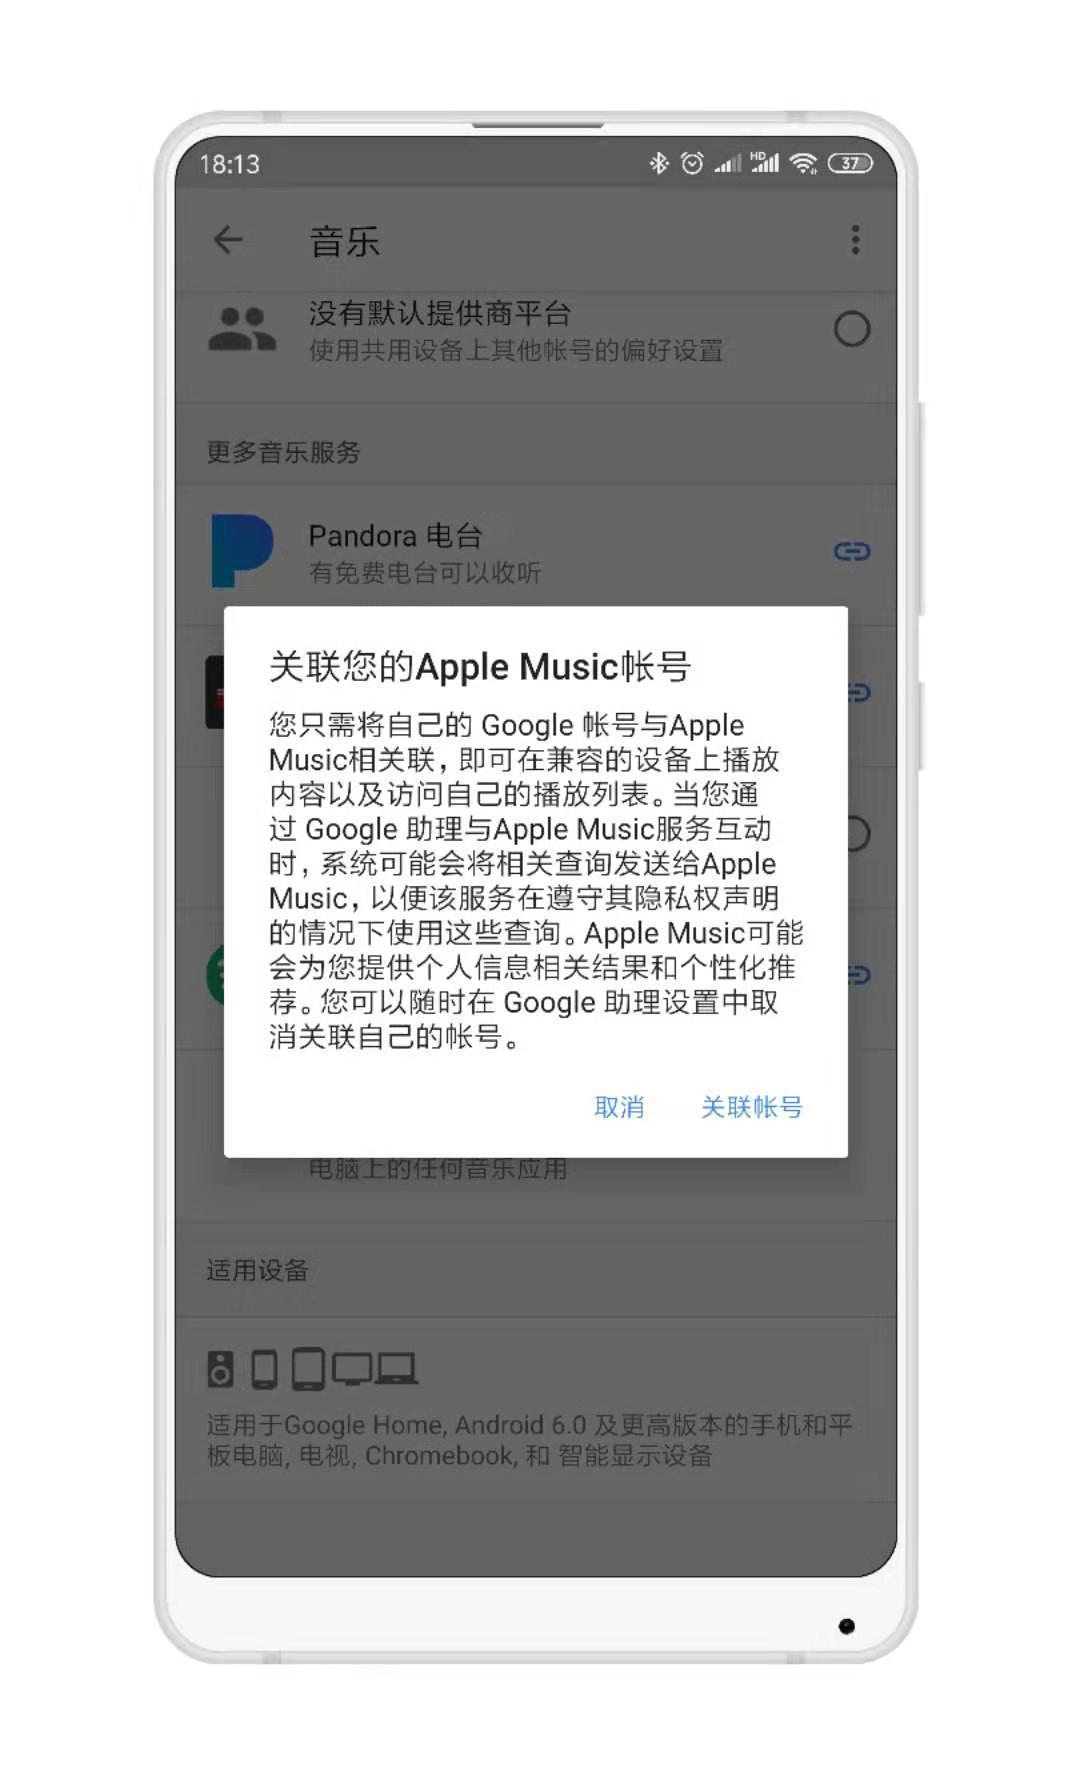 走向更广寰宇:苹果音乐效劳将登岸谷歌智能音箱,不再有平台限制